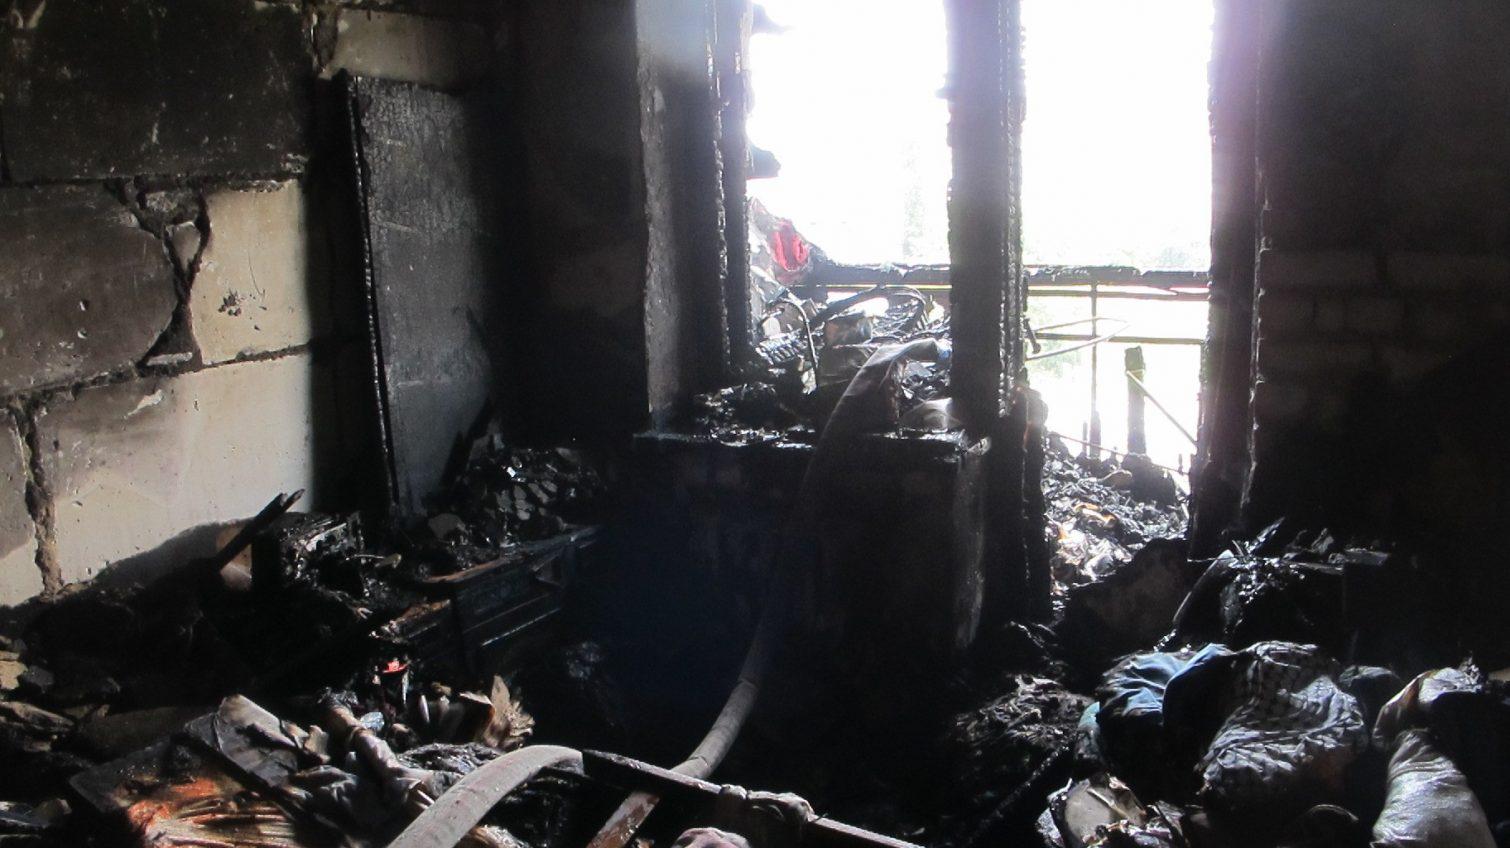 На Таирова горела заваленная мусором квартира в девятиэтажном доме (фото) «фото»